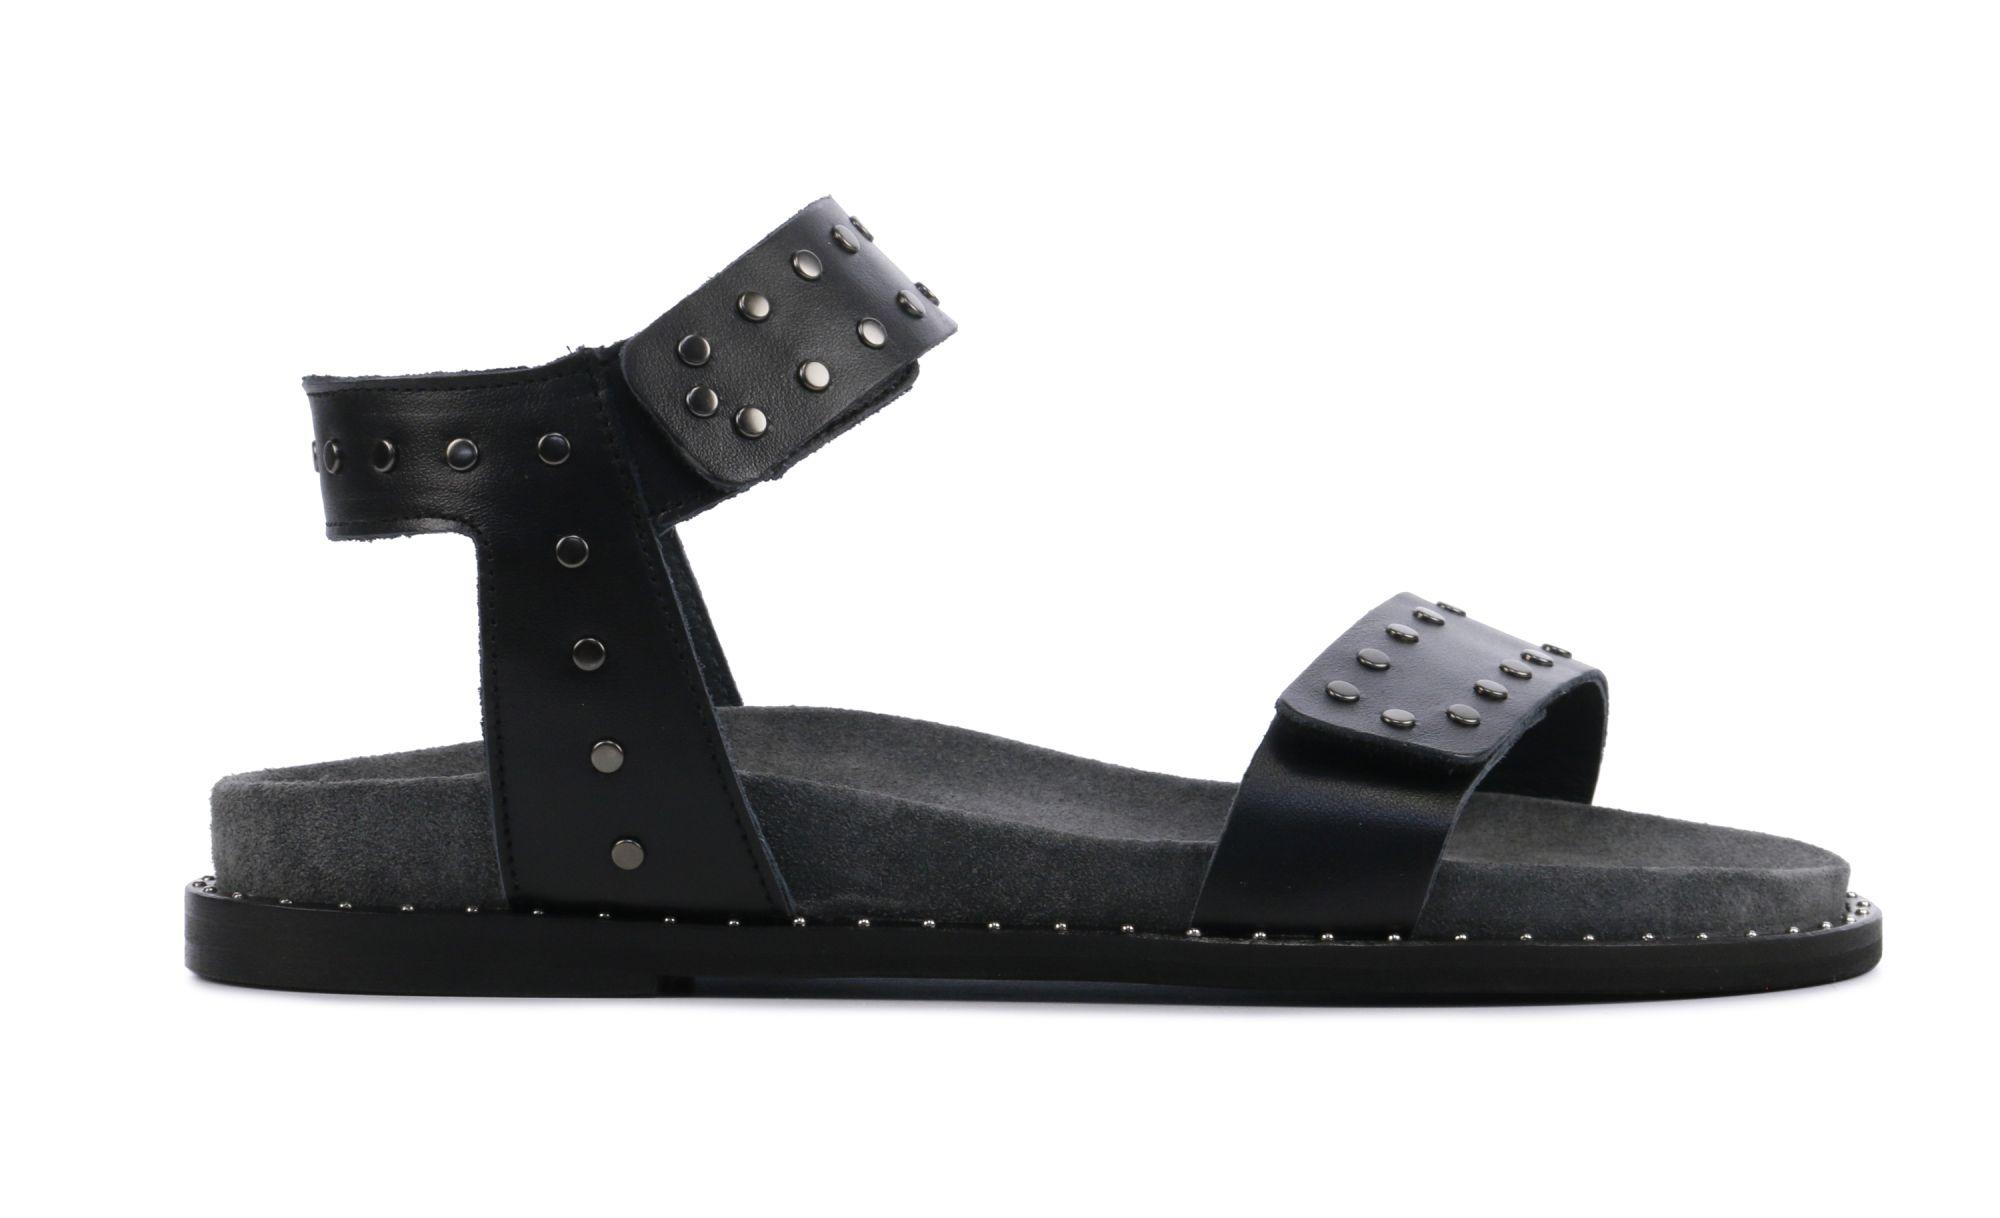 Damer Sandaler (svart) Kjøpe Billig God Selger Amazon Footaction H3lysKpzLn